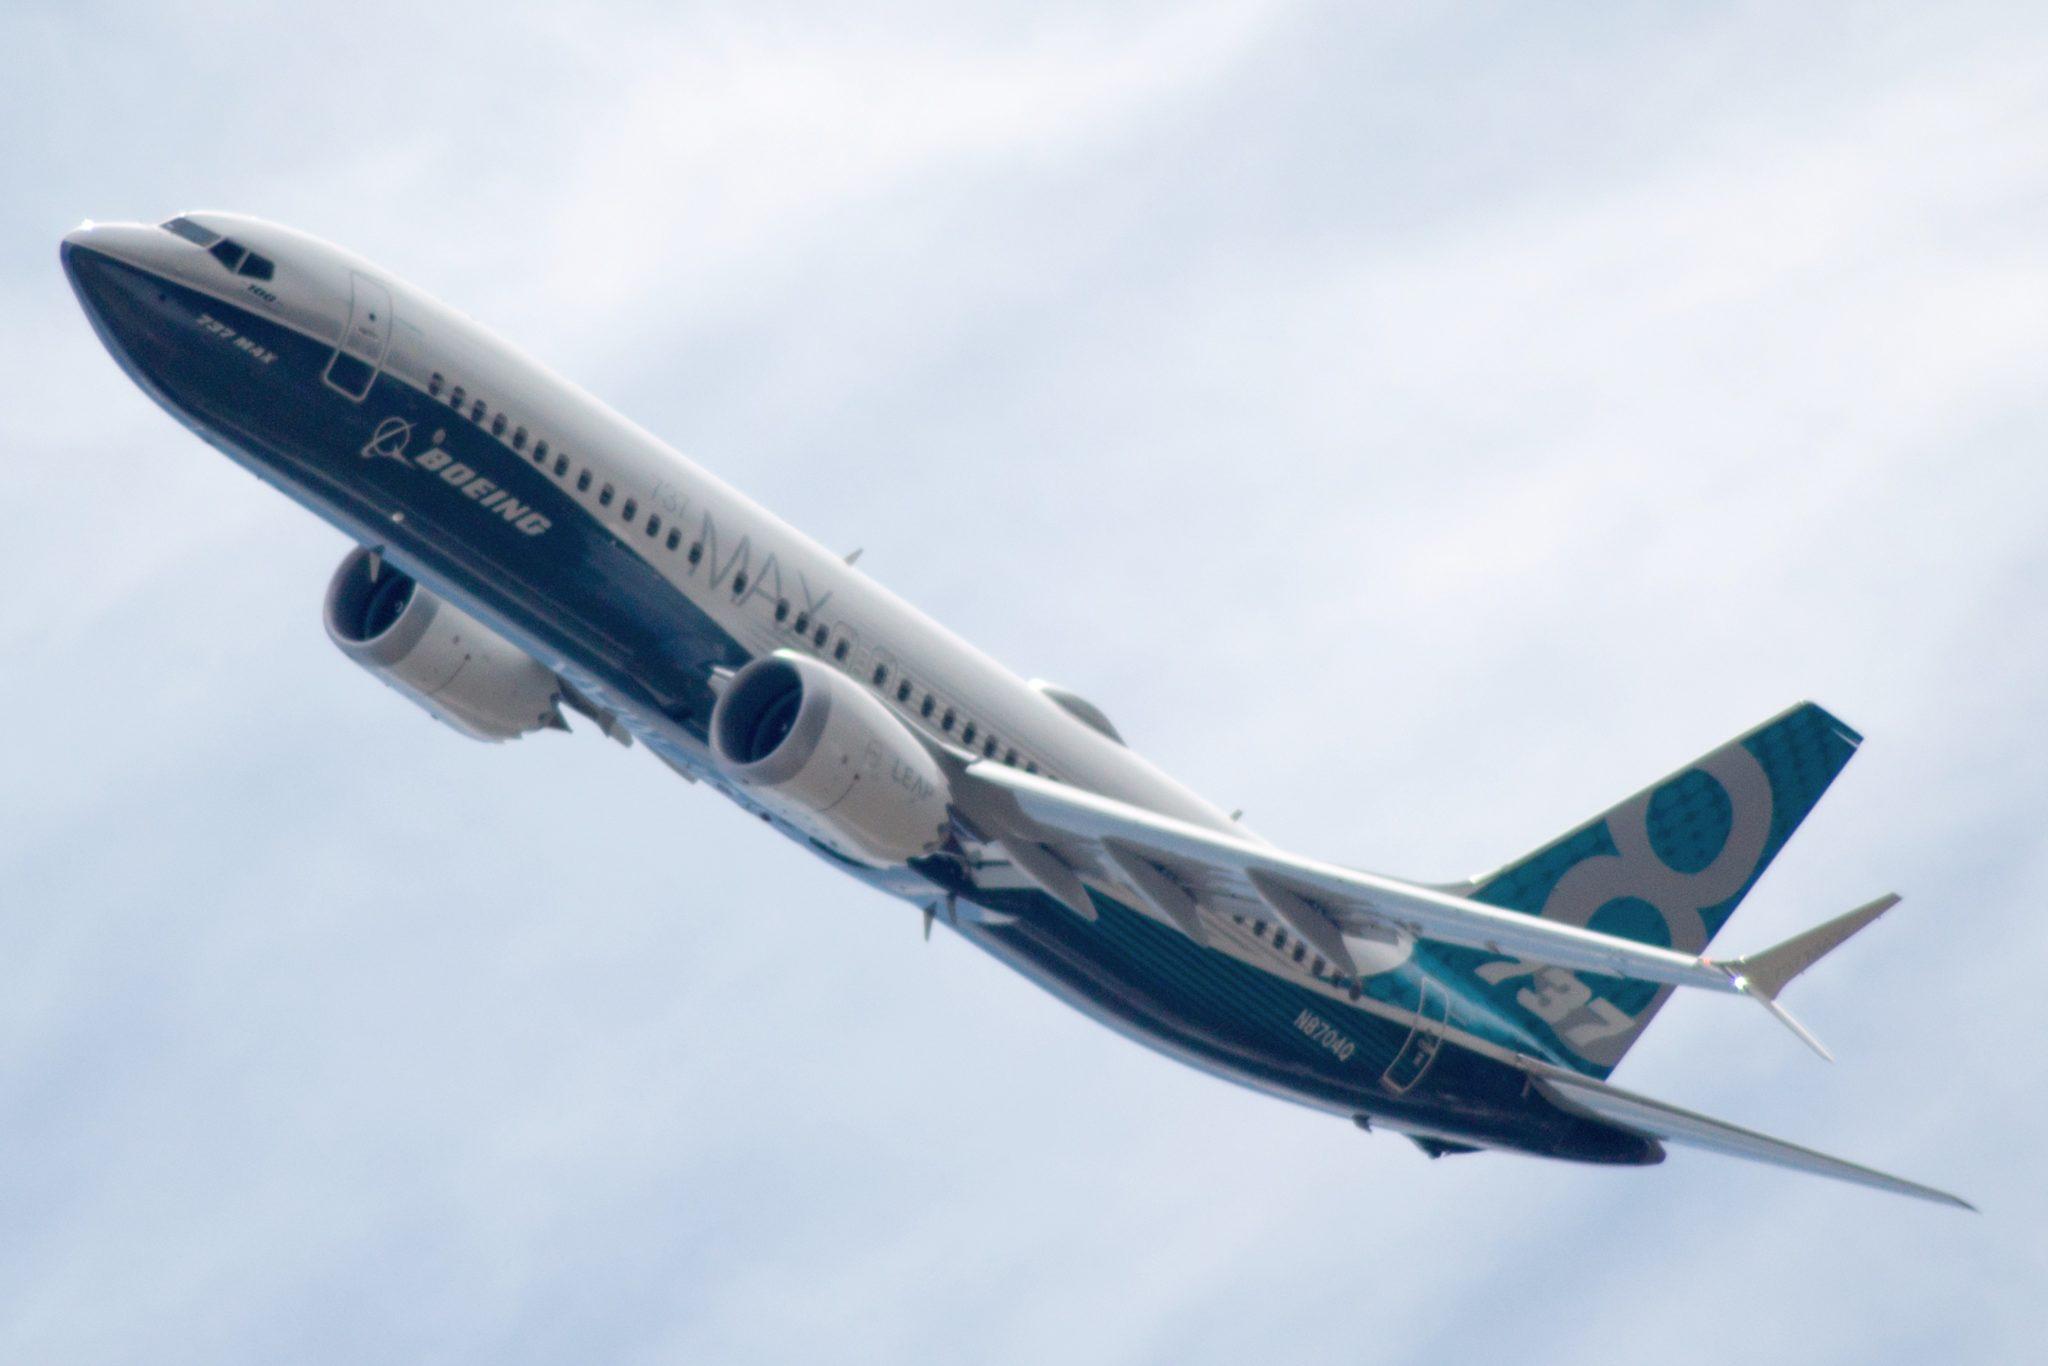 Авиакомпания SkyUp, планирующая дешевые полеты из Одессы в Киев, Львов и Харьков, заказала самолеты Boeing нового поколения